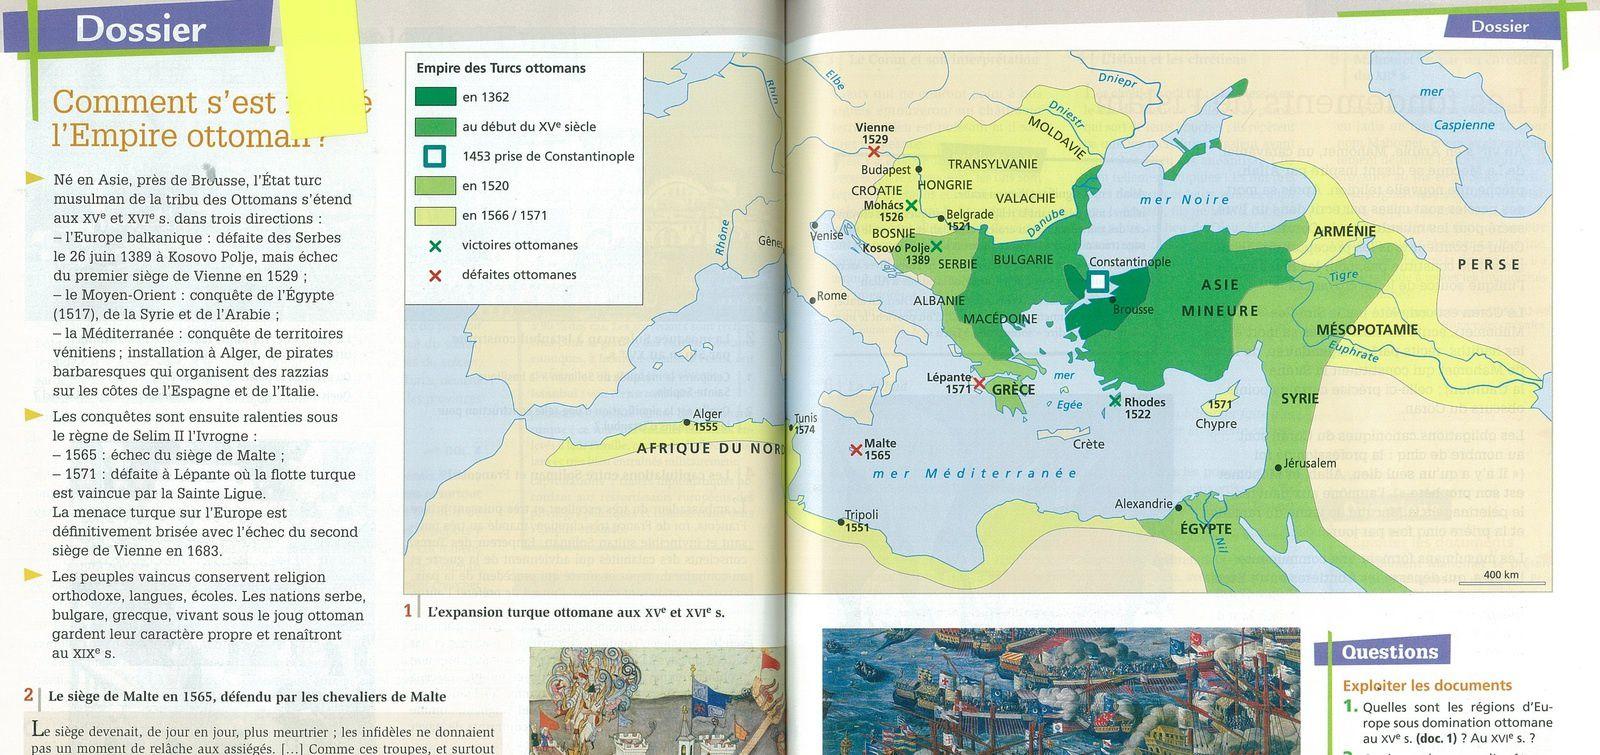 L'expansion turque ottomane au XVe et XVIe siècle